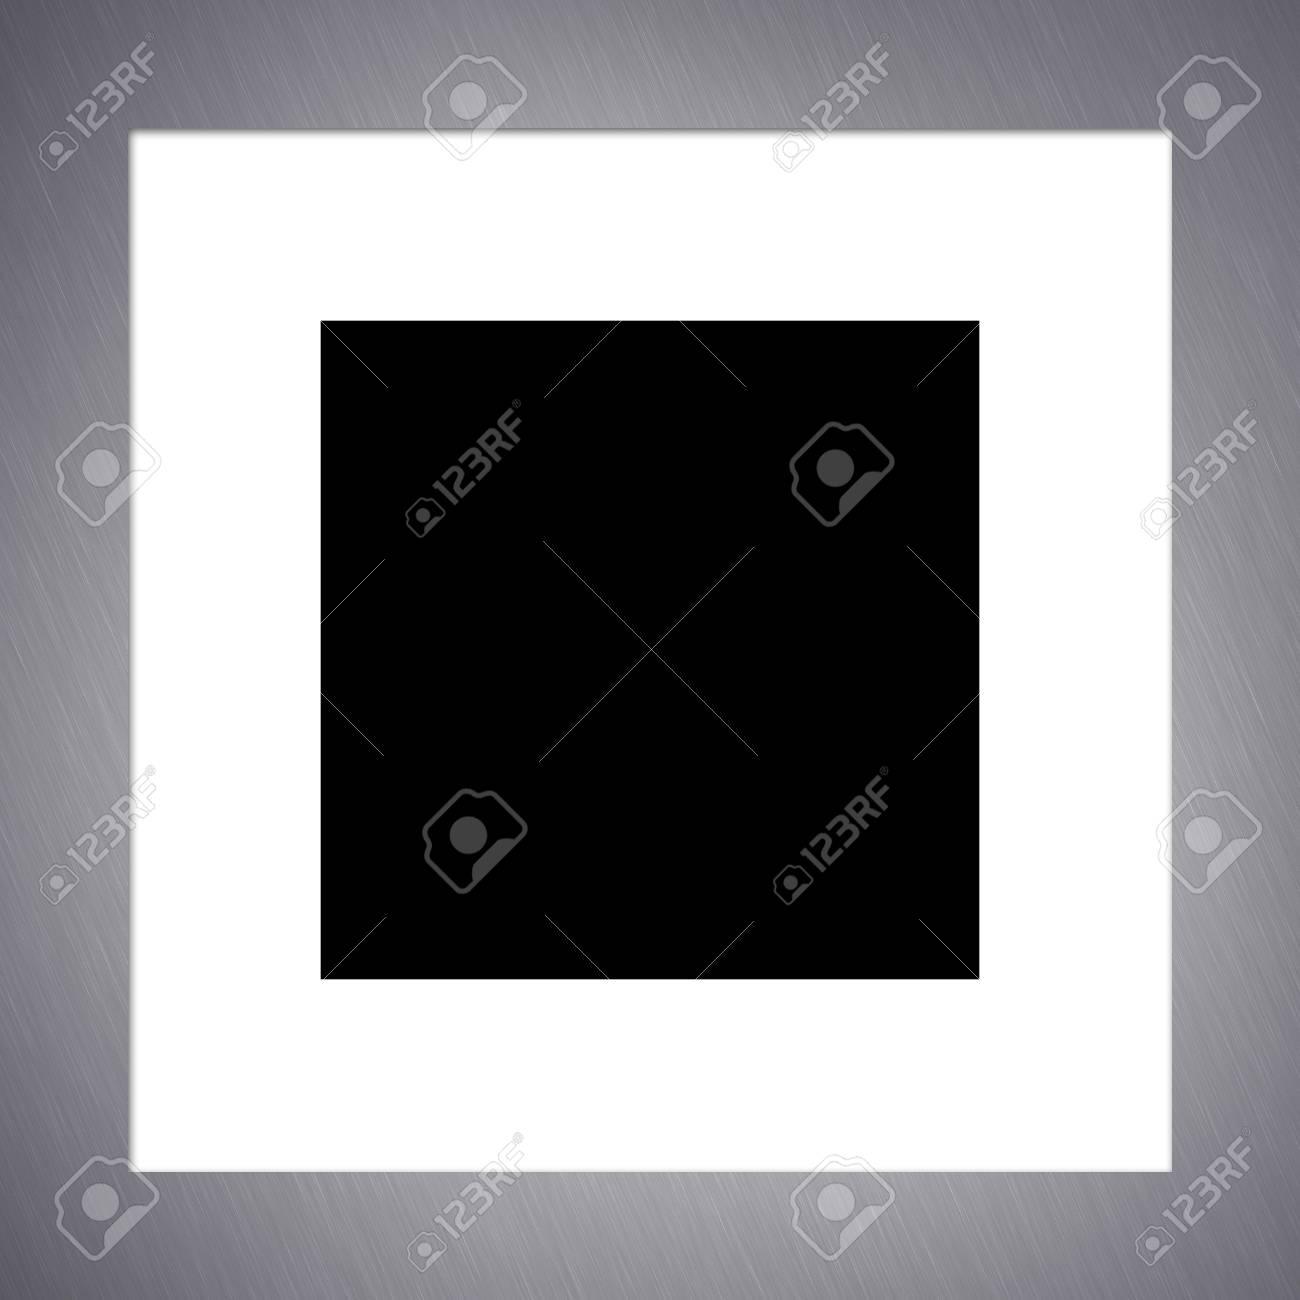 Einen Frame-Rahmen Aus Gebürstetem Aluminium Foto. Beschneidungspfad ...